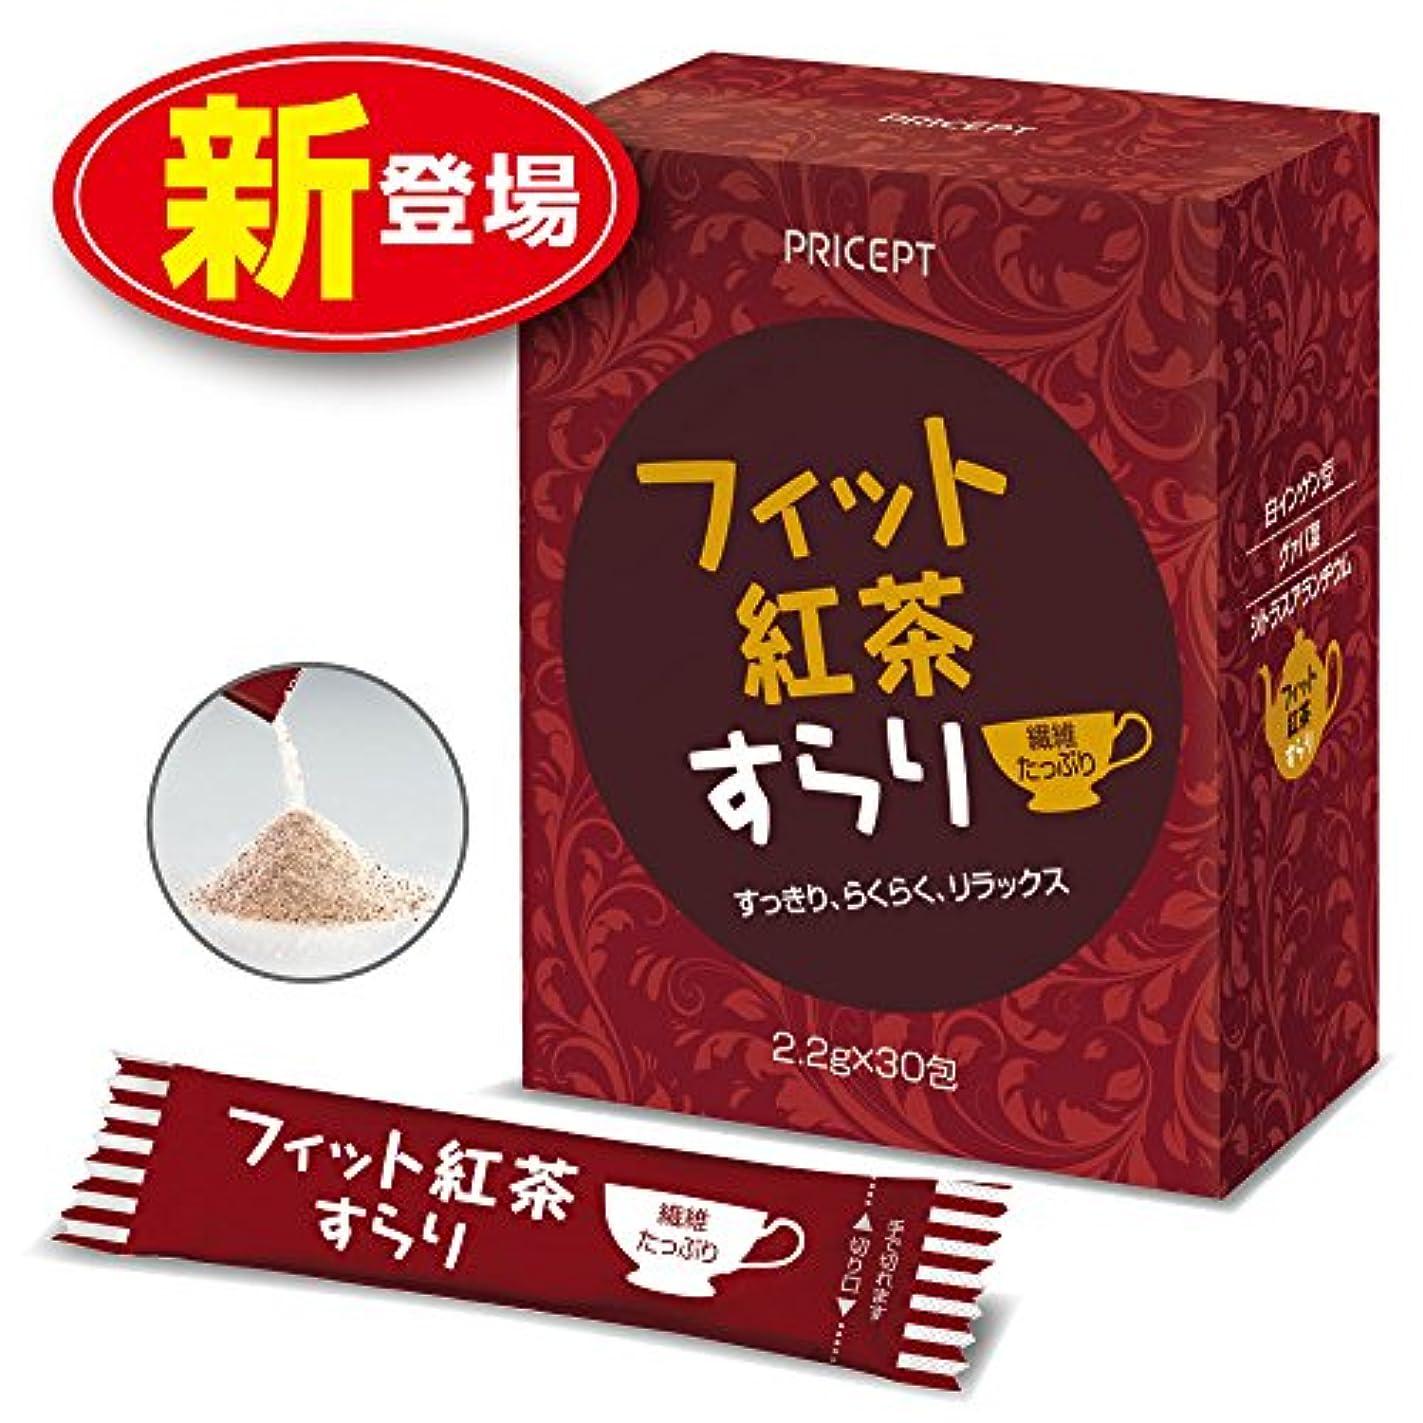 に対応するカプセル愛プリセプト フィット紅茶すらり(30包)【単品】(食物繊維配合ダイエットサポート紅茶)